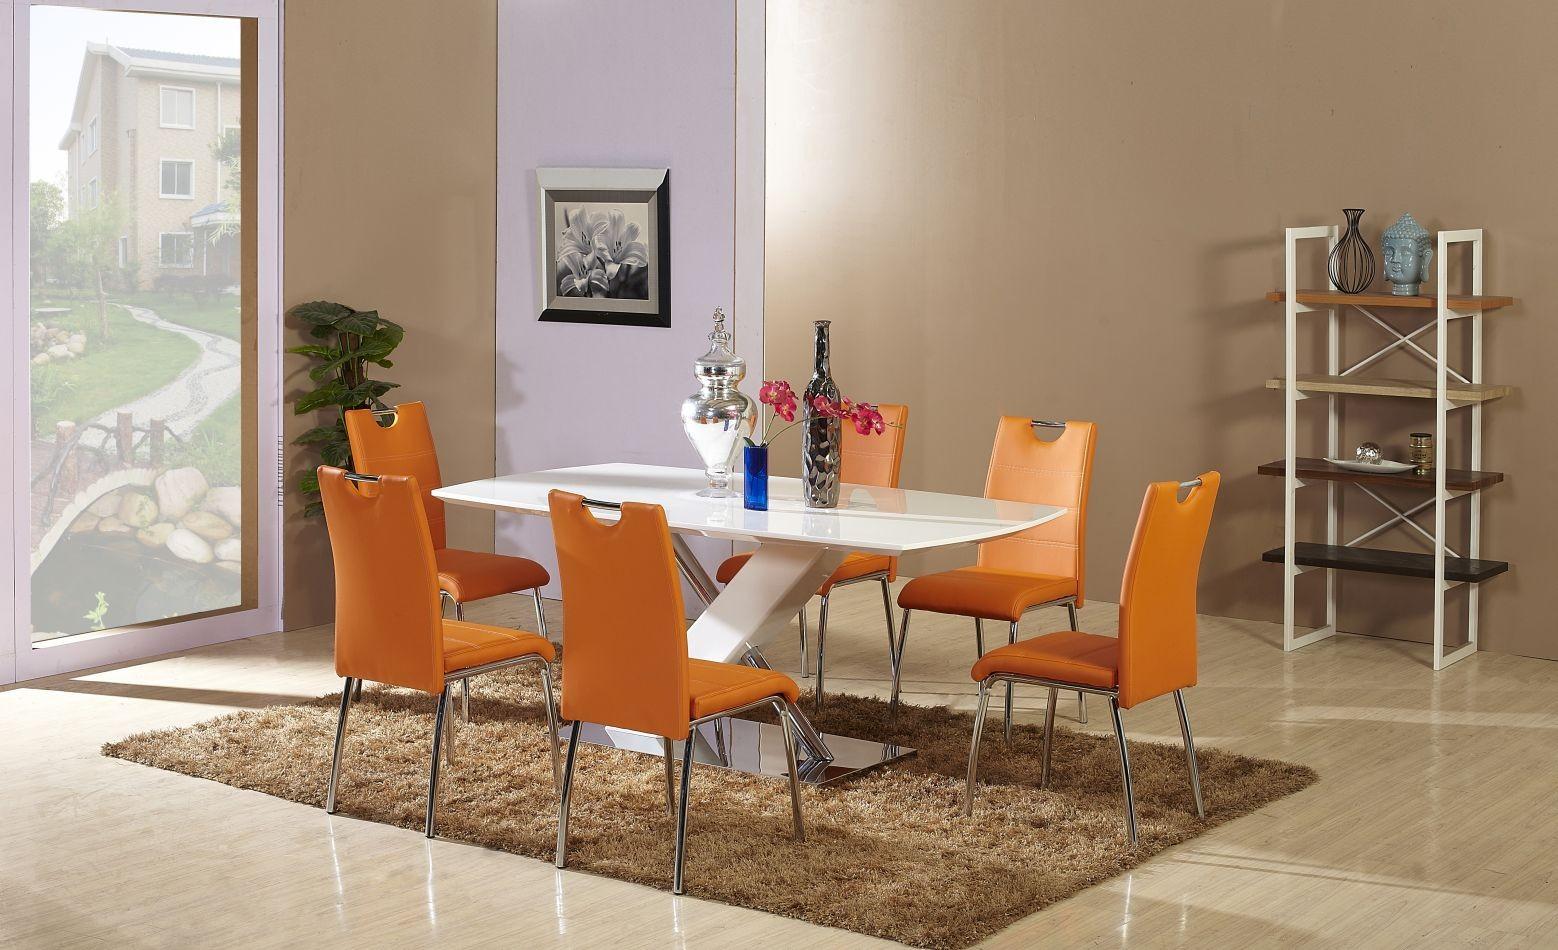 Full Size of Esstisch Stühle Set Bambari A26 Inkl 6 Sthle Orange 160 90 L B Pendelleuchte Modern Runder Ausziehbar Bogenlampe Esstischstühle Mit Bank Sheesham Moderne Esstische Esstisch Stühle